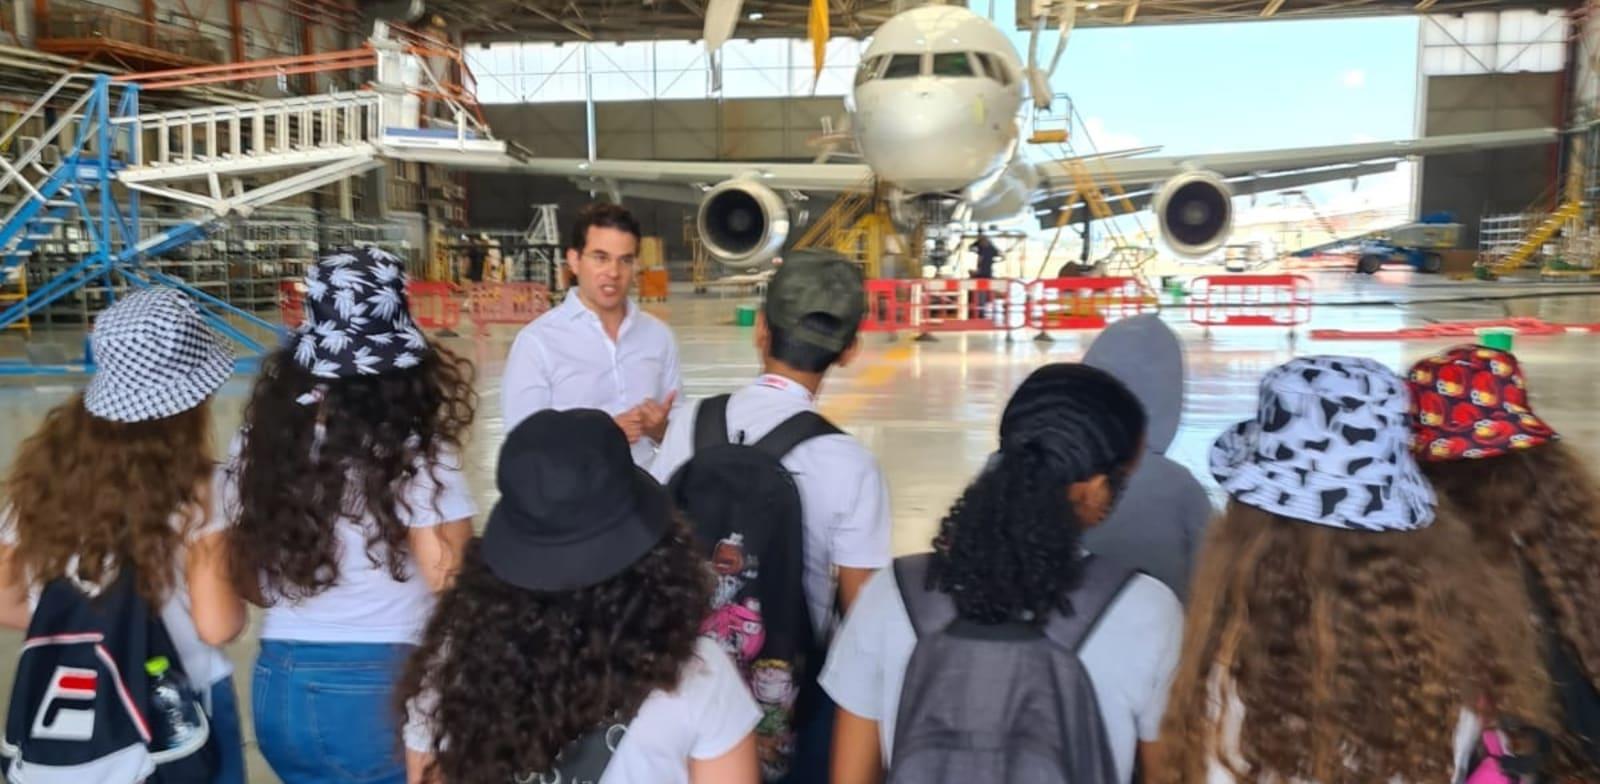 ביקור התלמידים בתעשייה האווירית / צילום: אלון רון, התעשייה האווירית